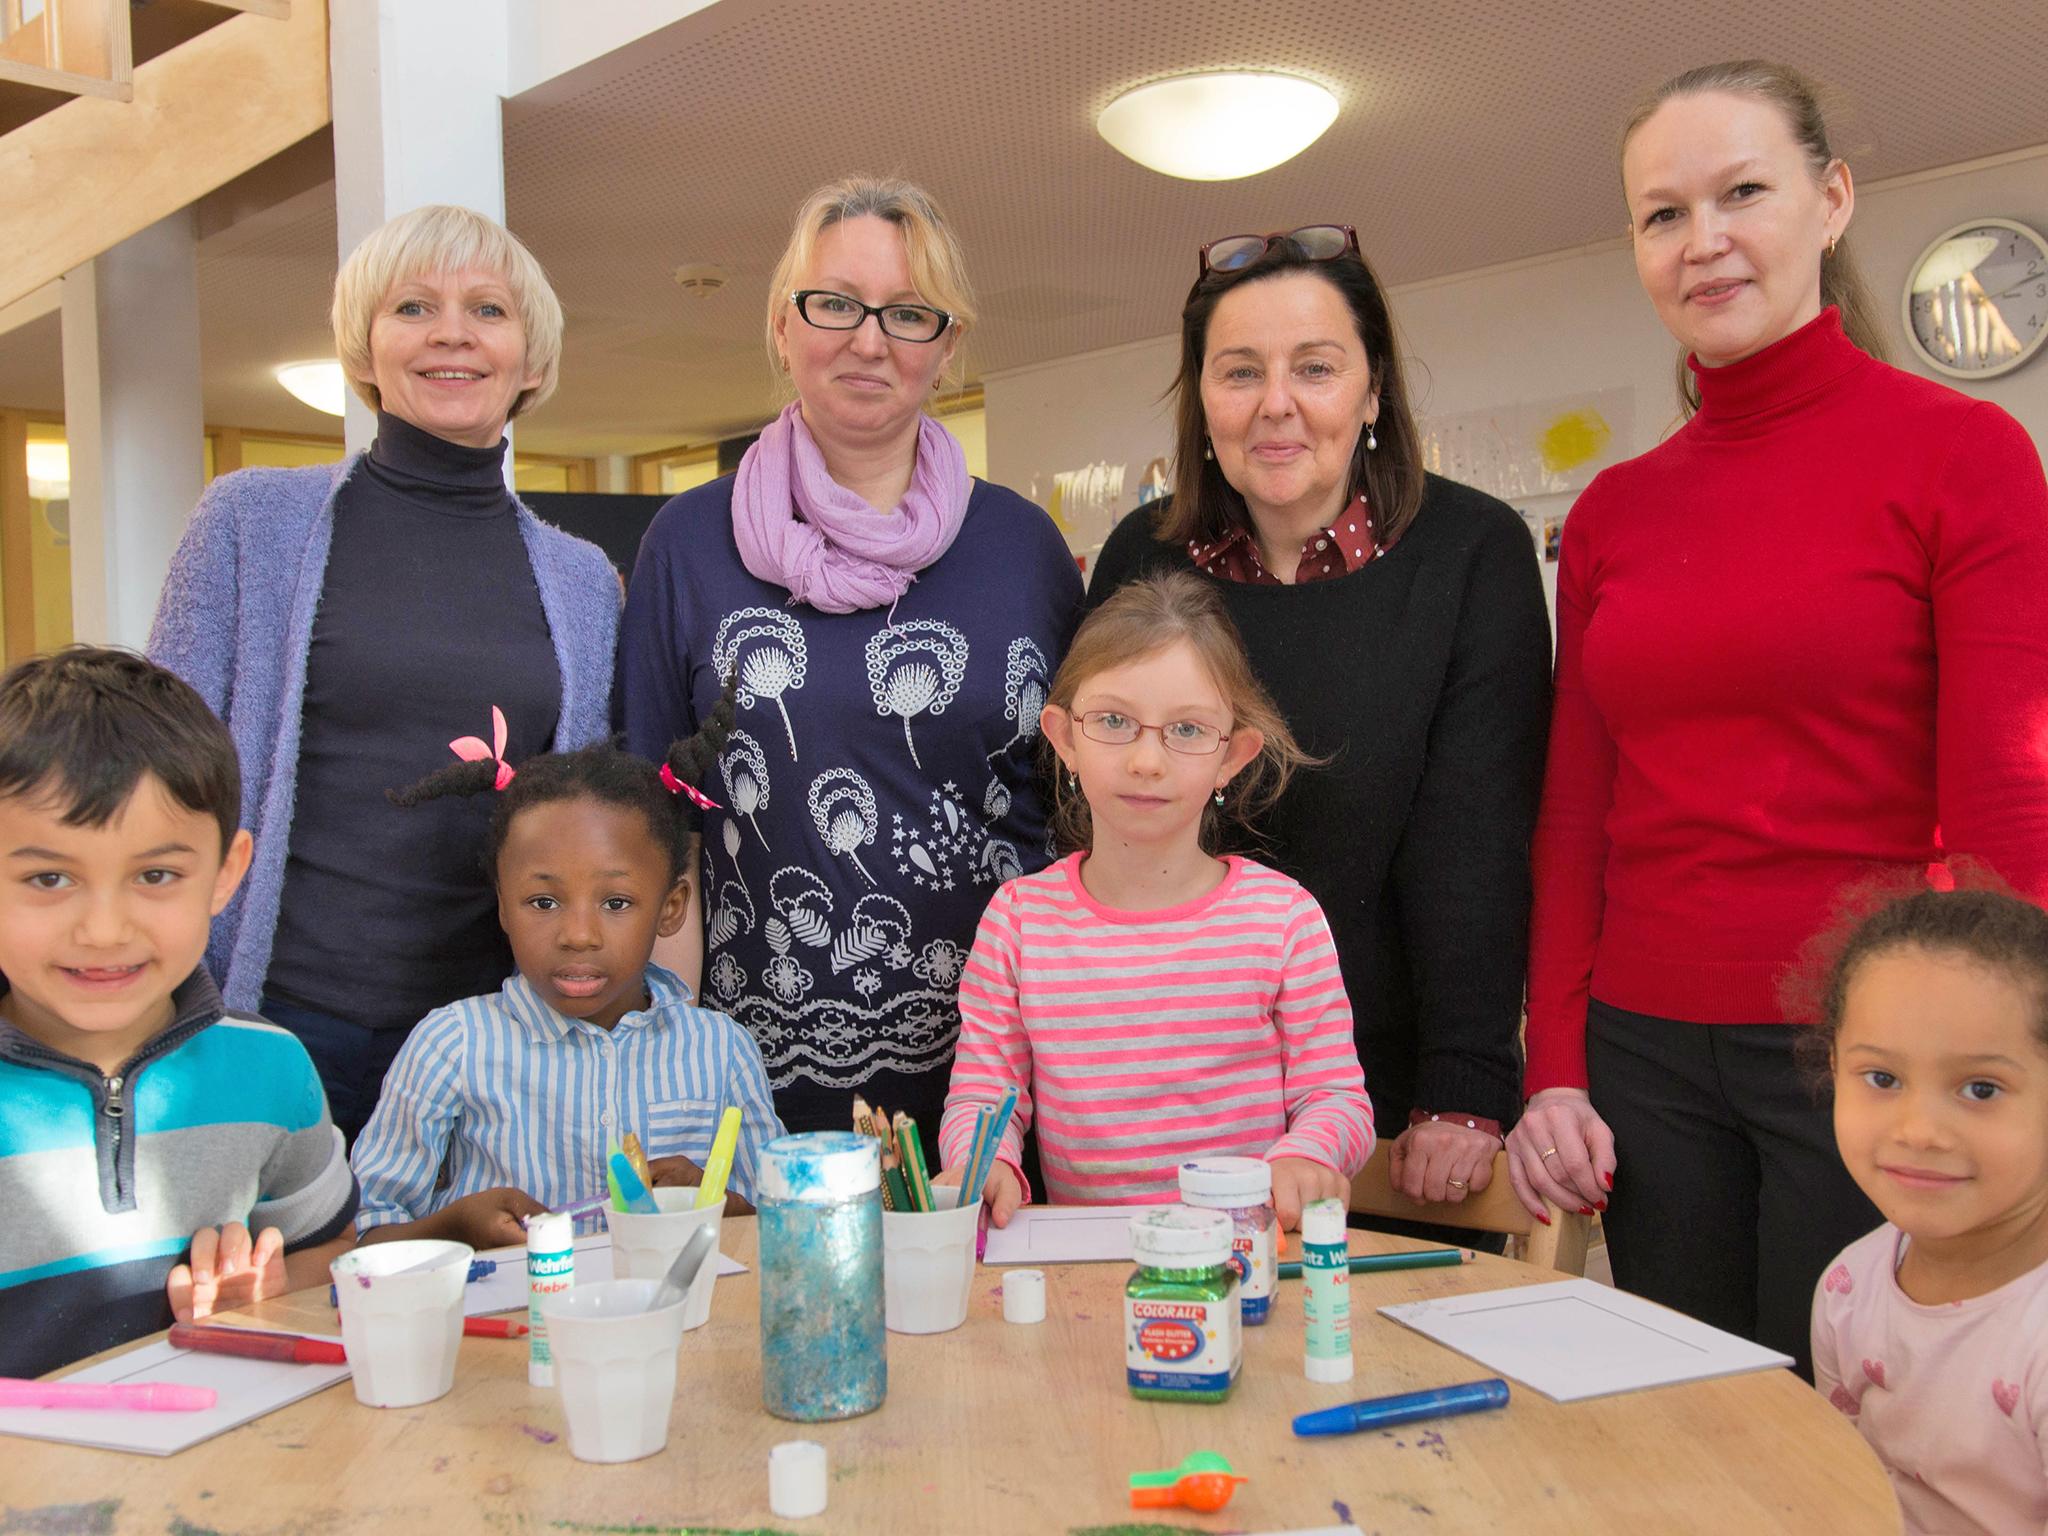 Vier Frauen mit einigen Kindern an einem Tisch.